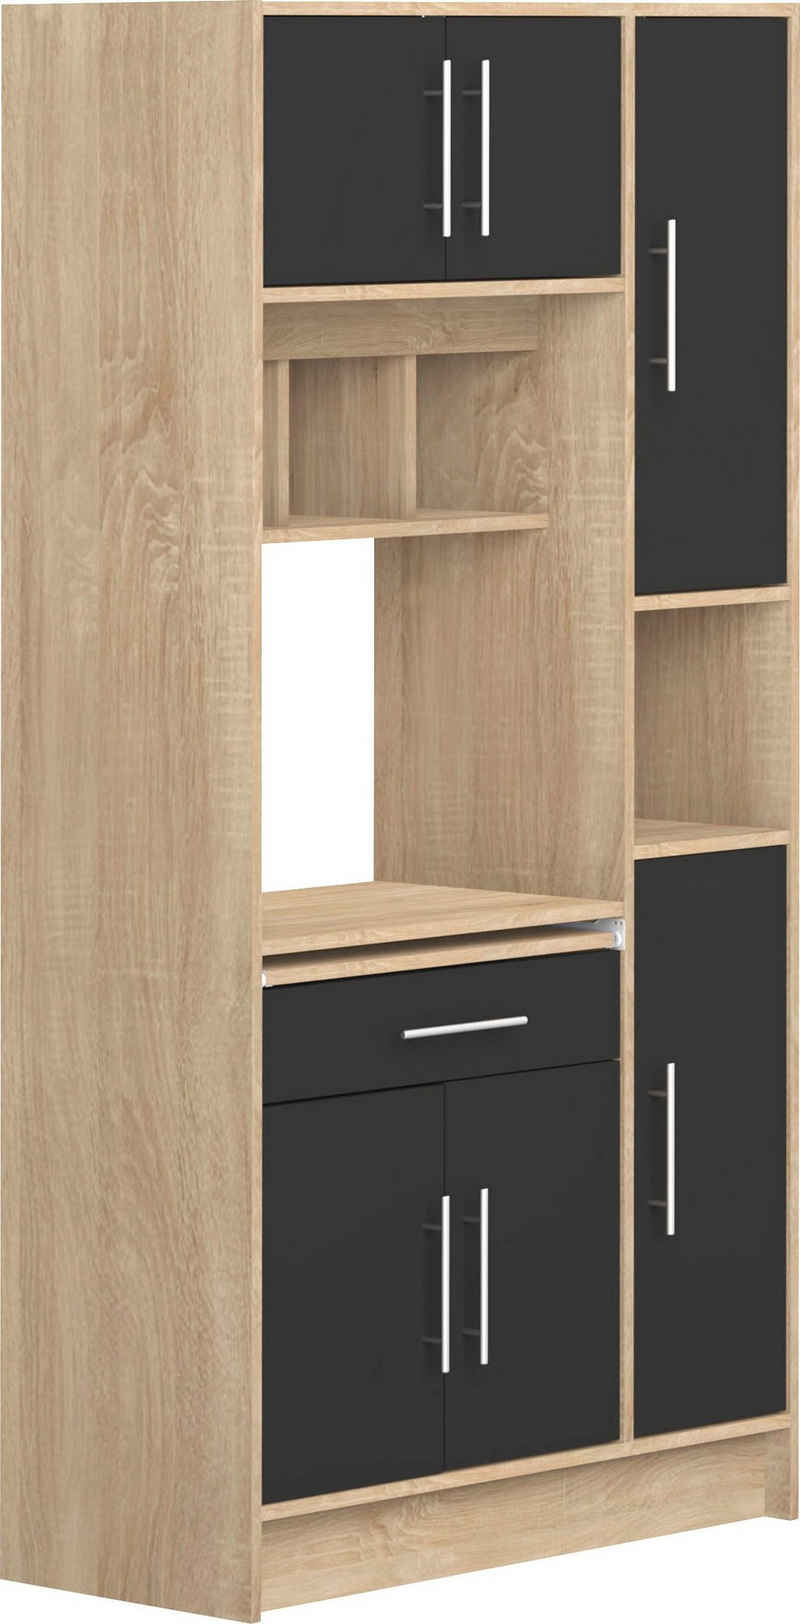 TemaHome Küchenbuffet »Louise« ausziehbarer Kleiderschrank, mit Fach für eine Mikrowelle und vielen Fächern, Höhe 180 cm